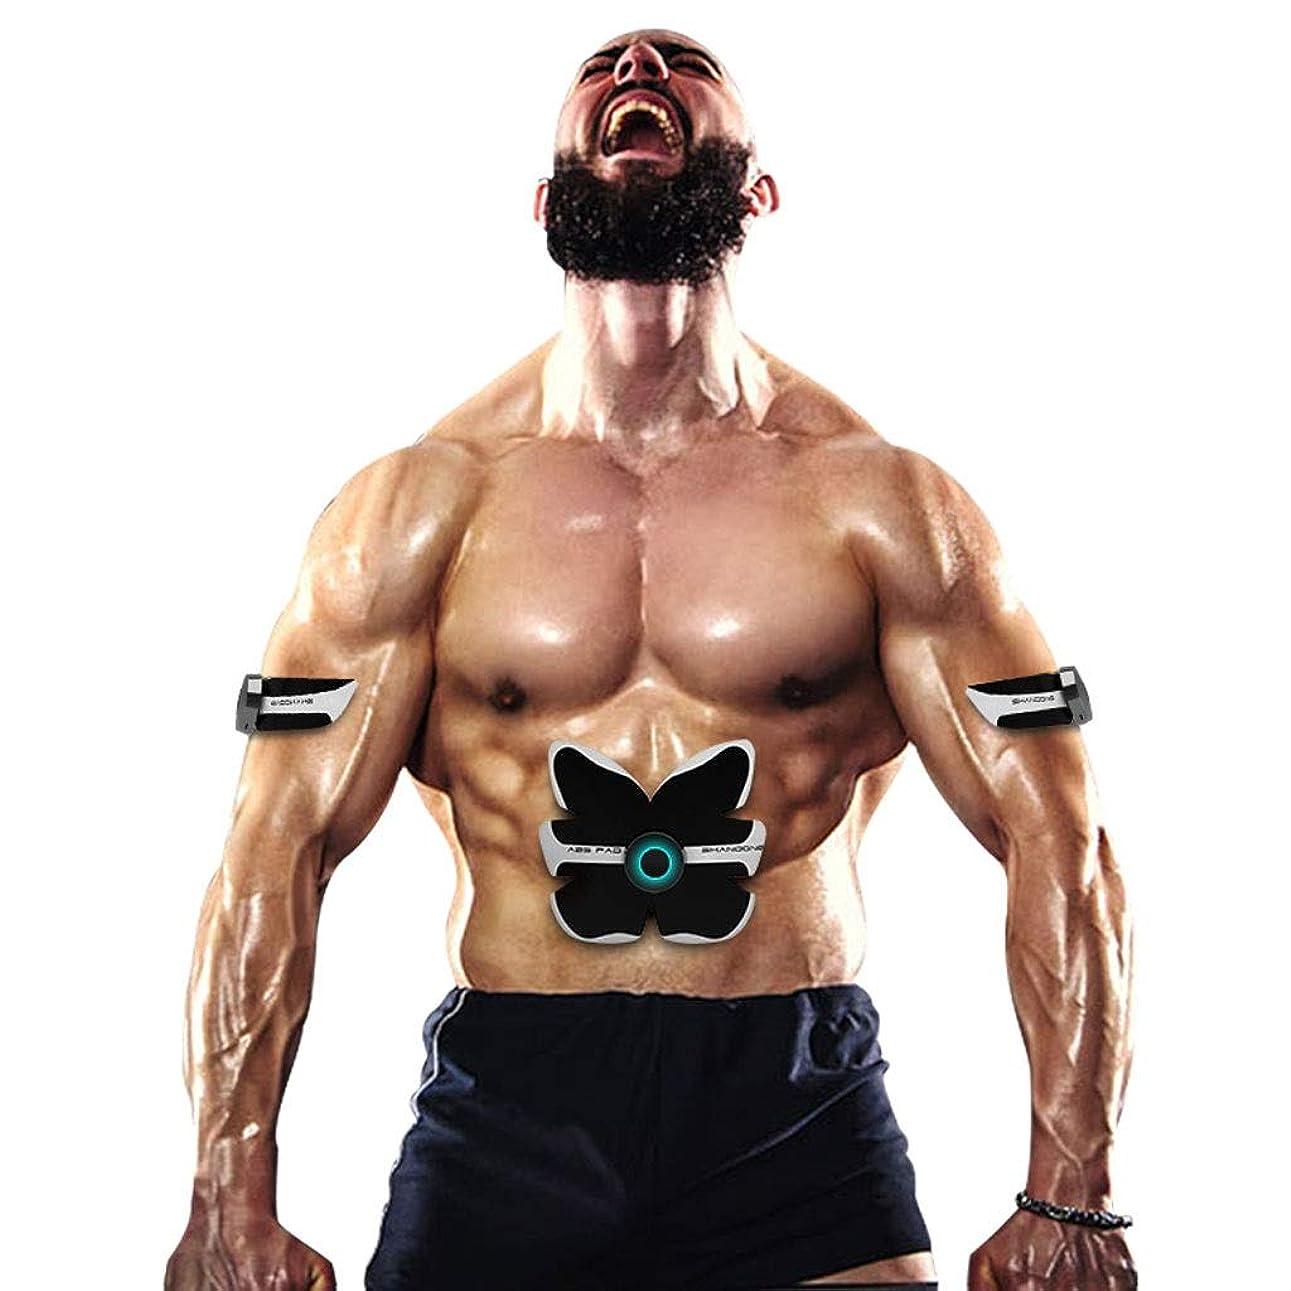 懲戒音楽隔離するスマートabsトレーニングギア女性男性減量痩身ボディシェイパー腹部筋肉運動刺激装置フィットネス振動機